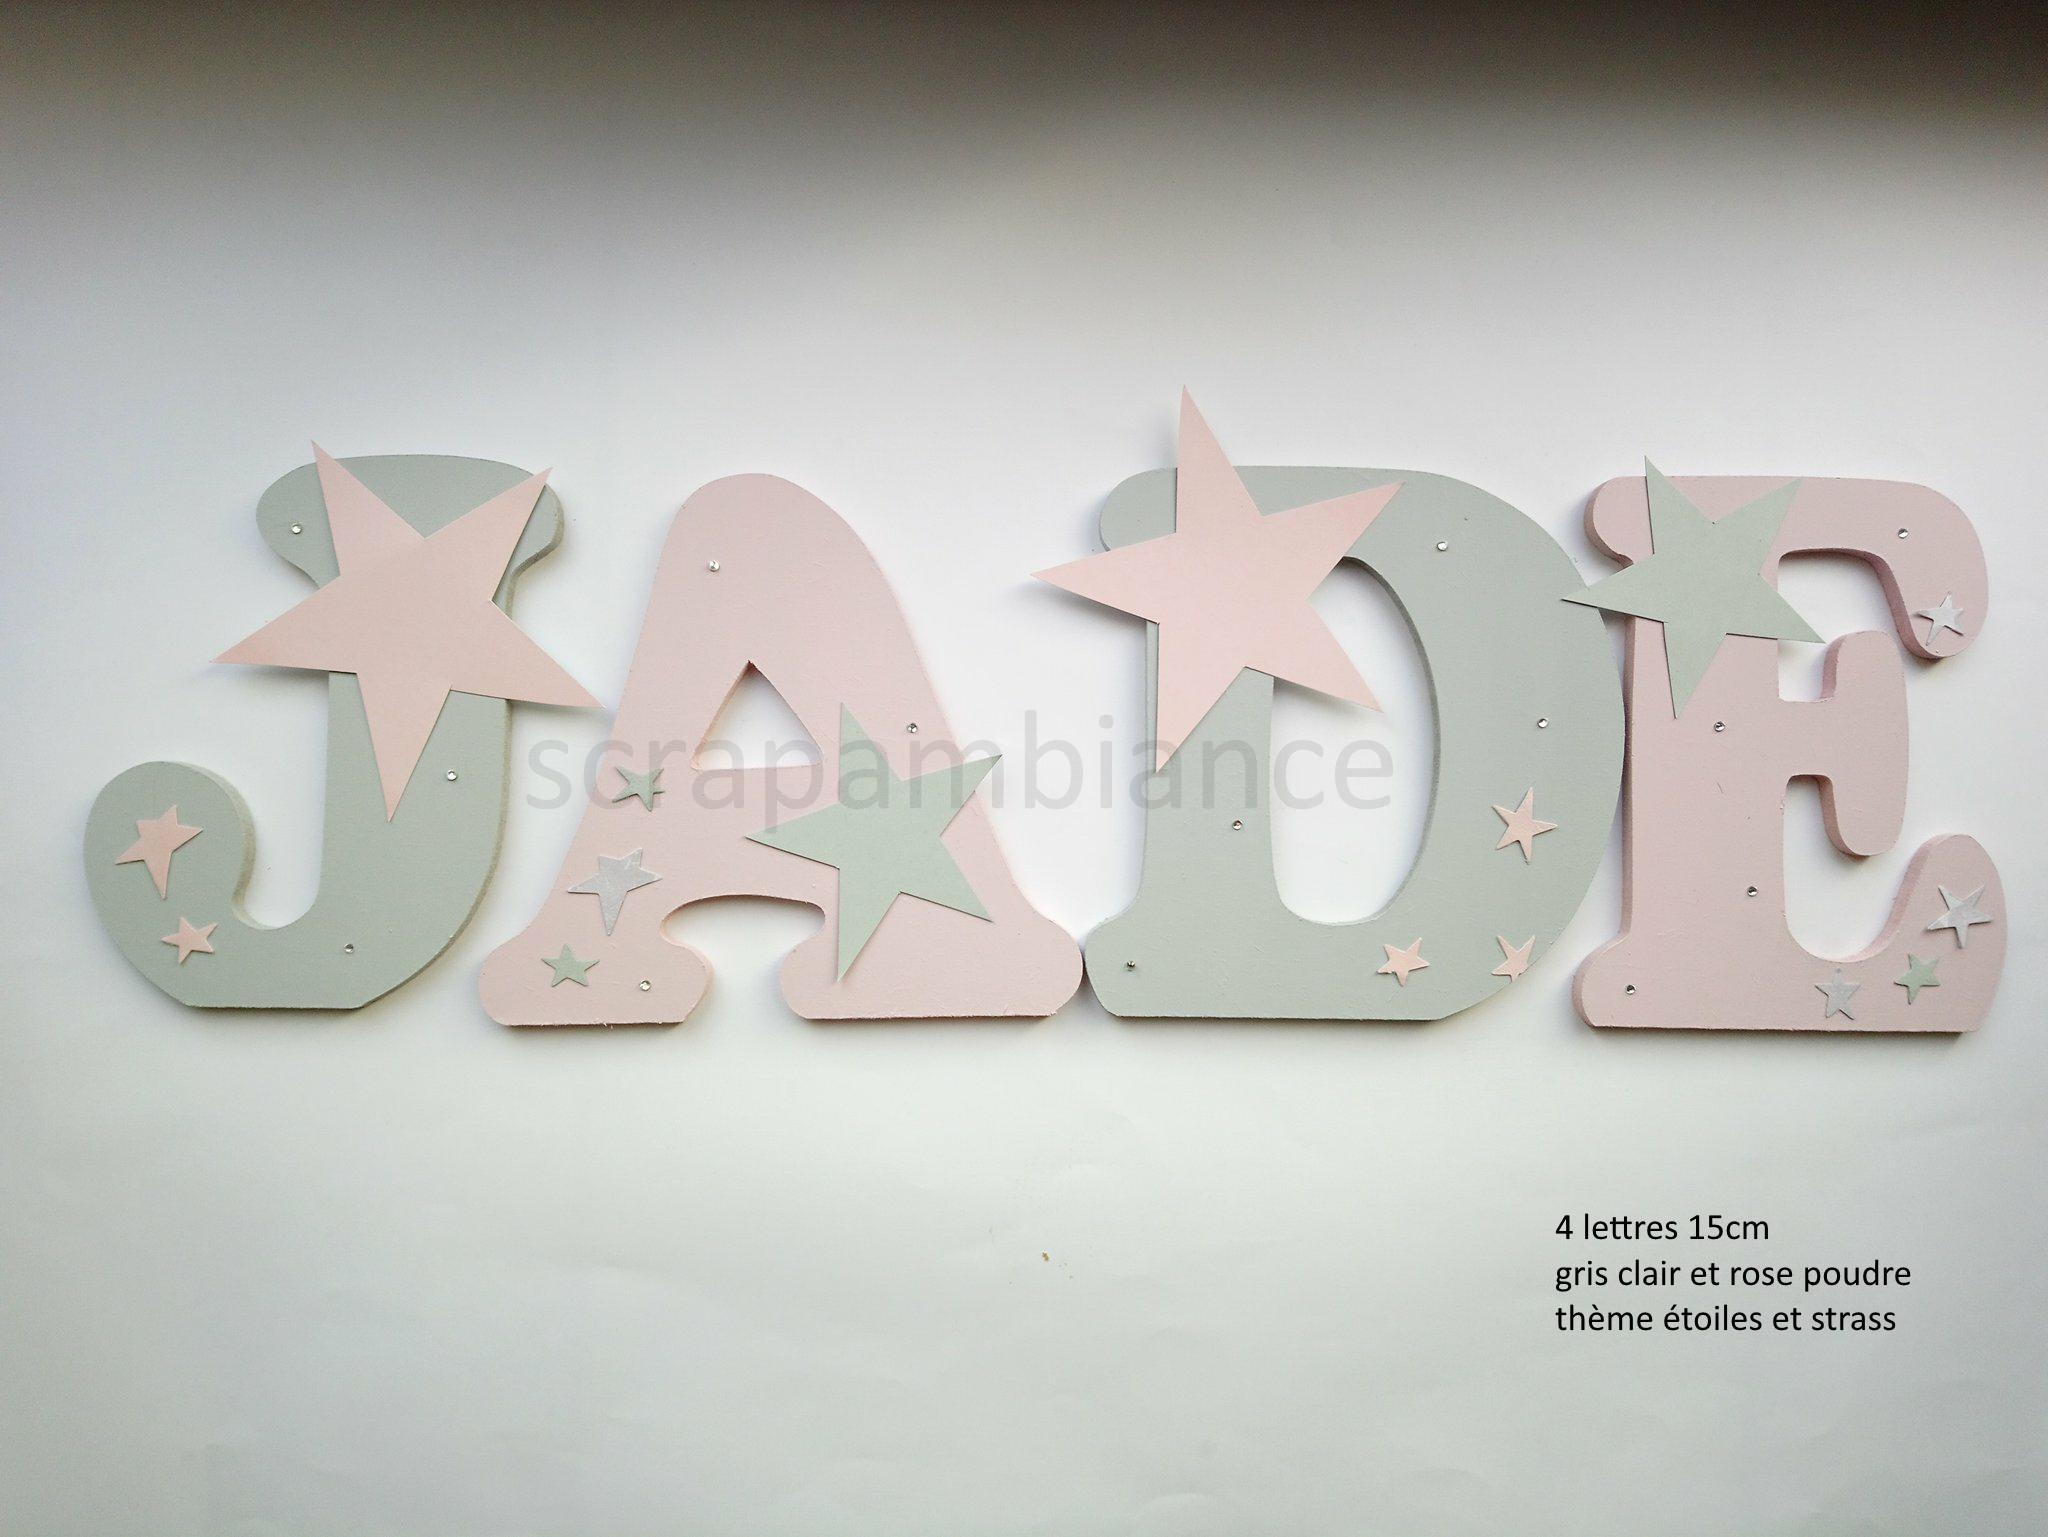 lettre prénom bois / lettre décoration chambre / lettre prénom bébé /  plaque de porte / lettre à coller / prénom à coller / lettre en bois /  prénom en